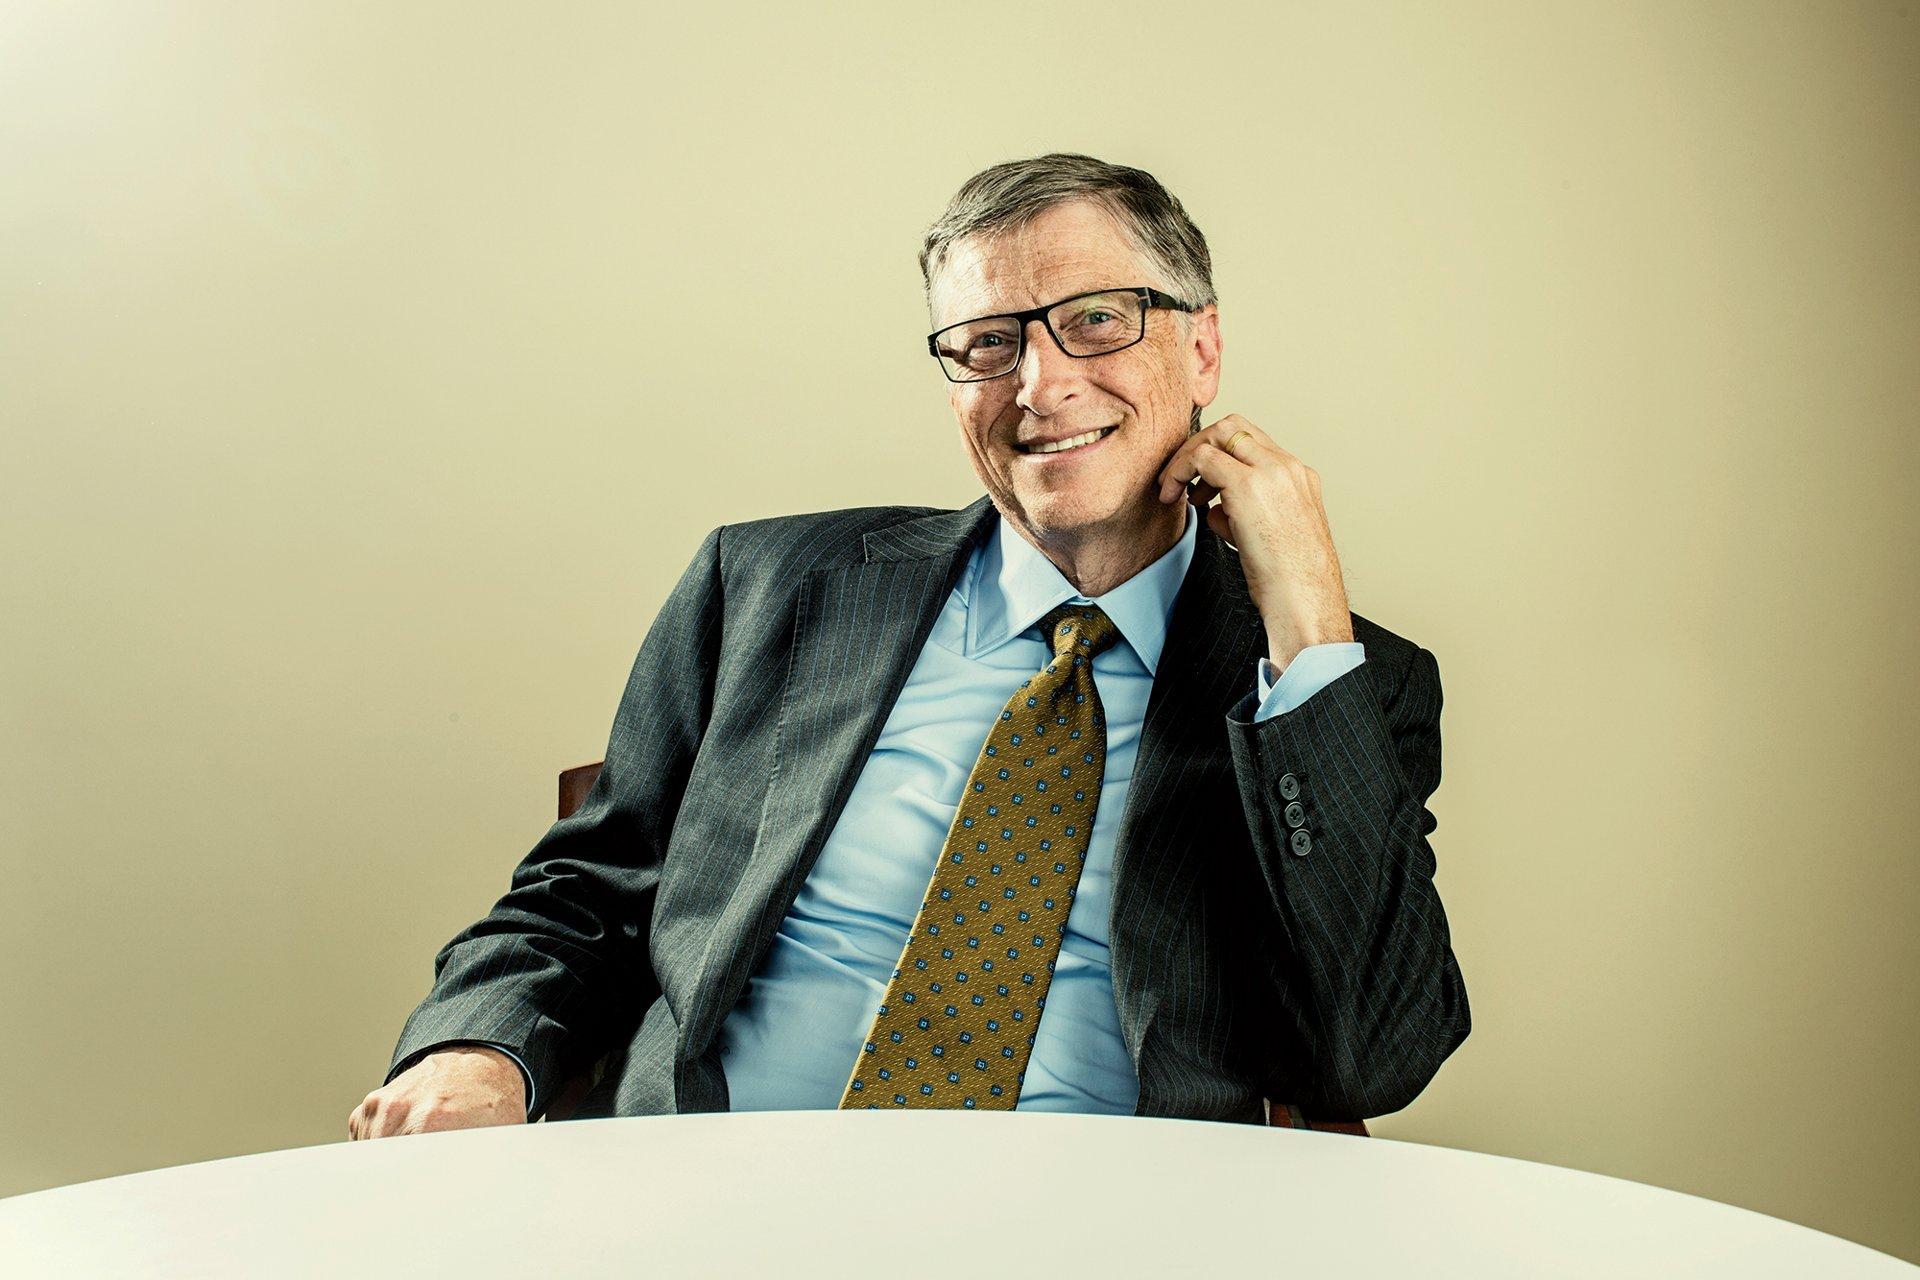 Pensamento #29 — O pobre Bill Gates